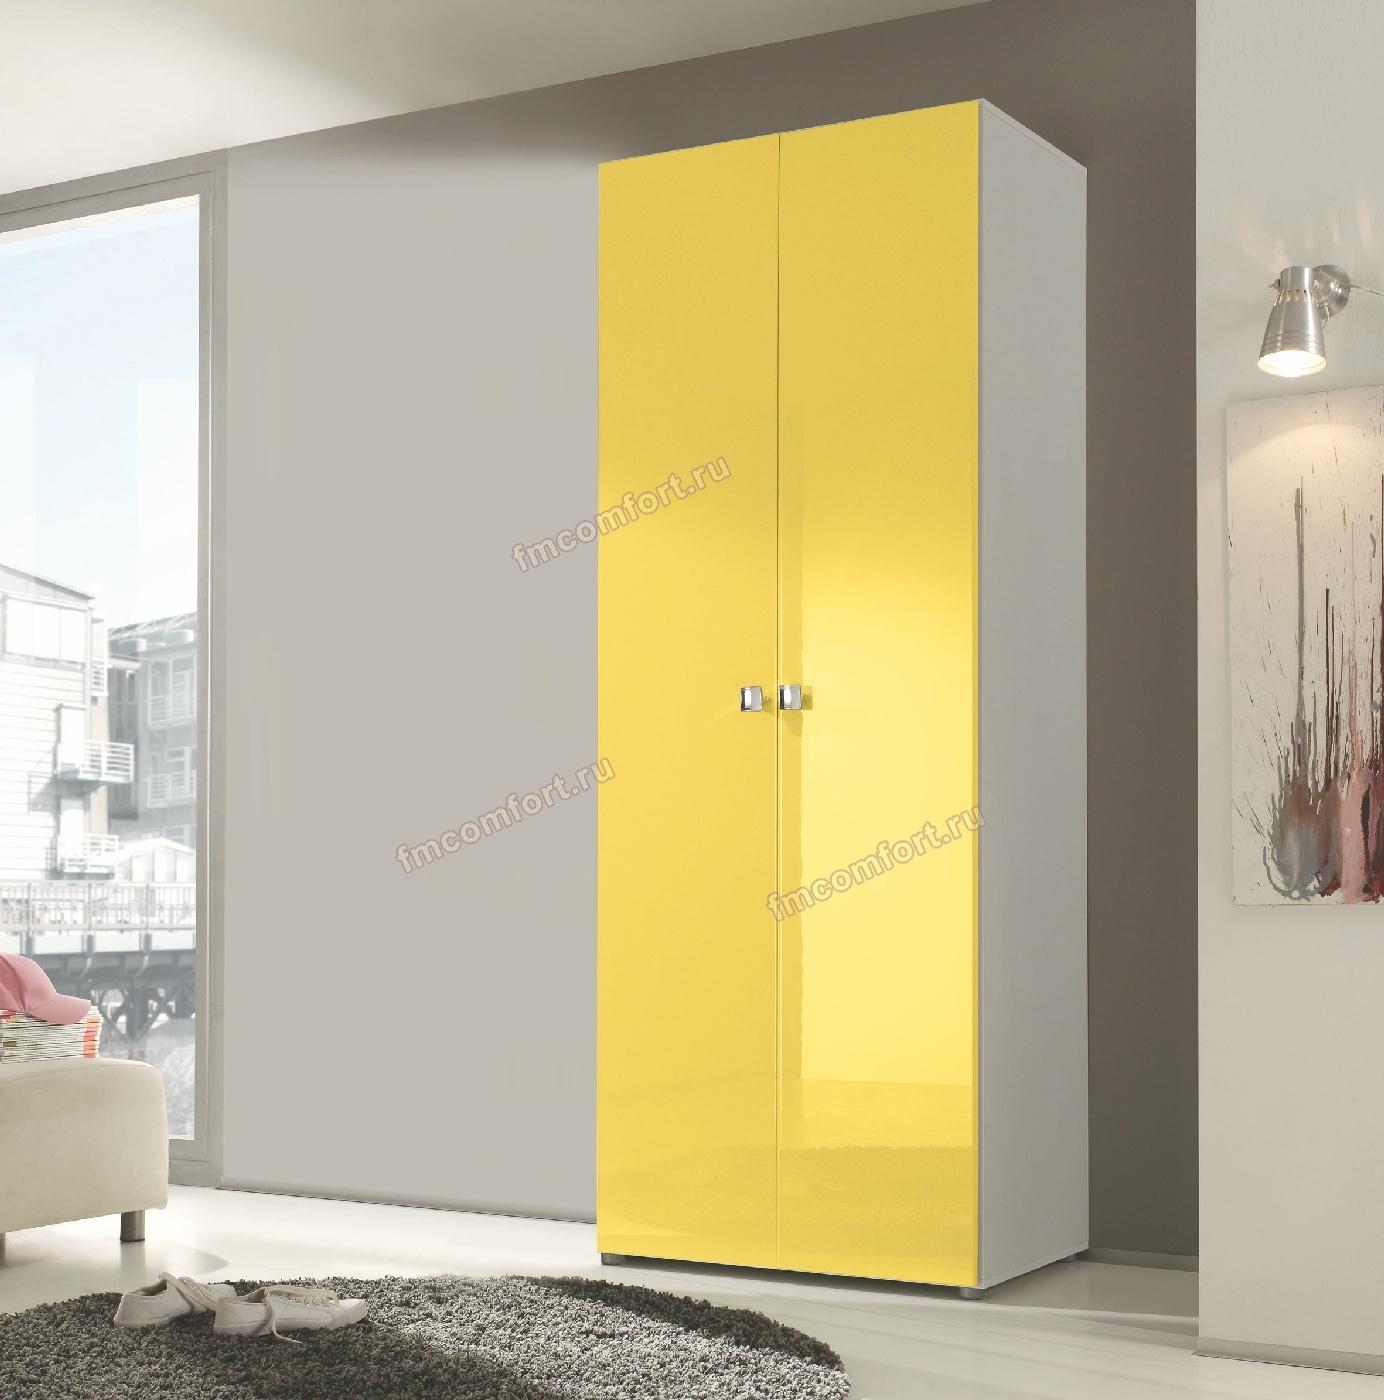 Двери для шкафа - виды и правила выбора фото.